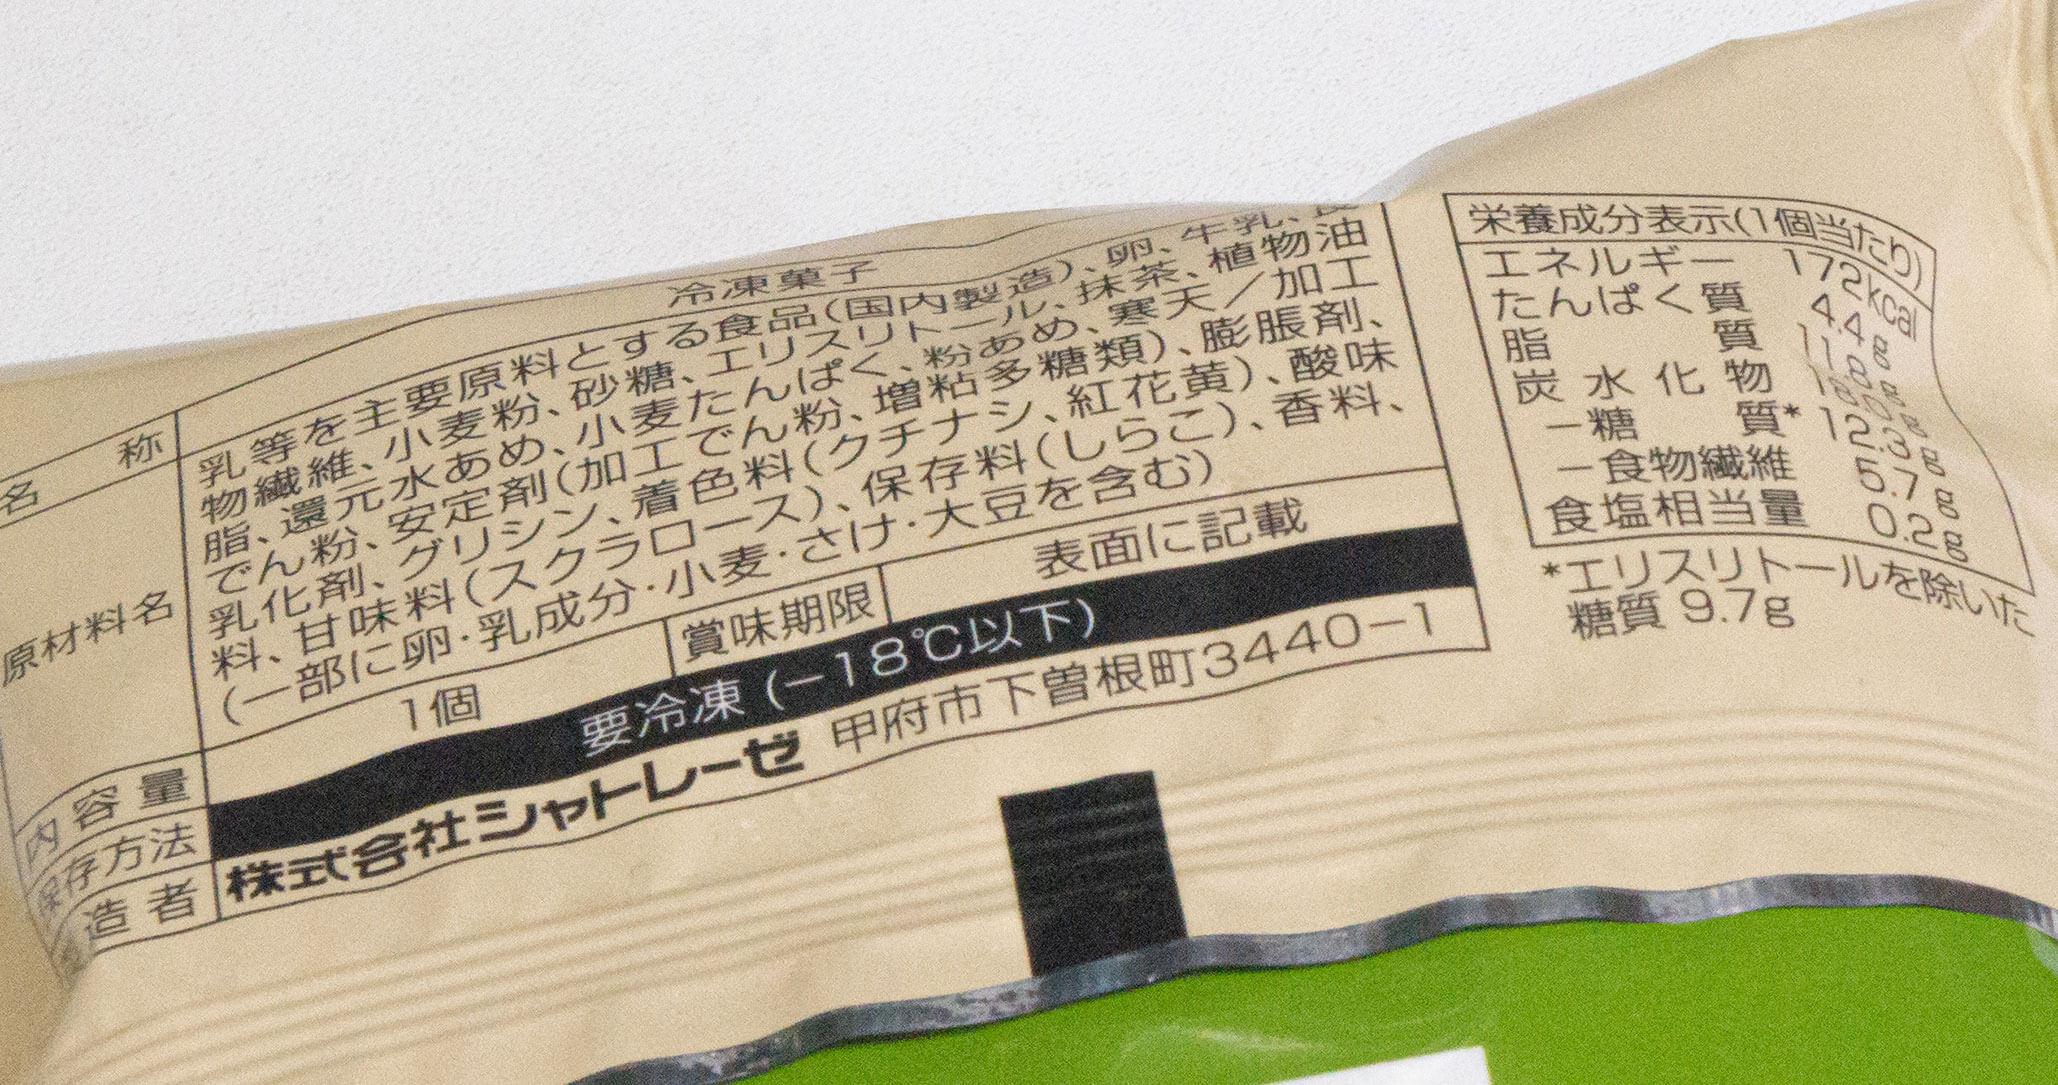 糖質50%カットの抹茶ロールの原材料や栄養素